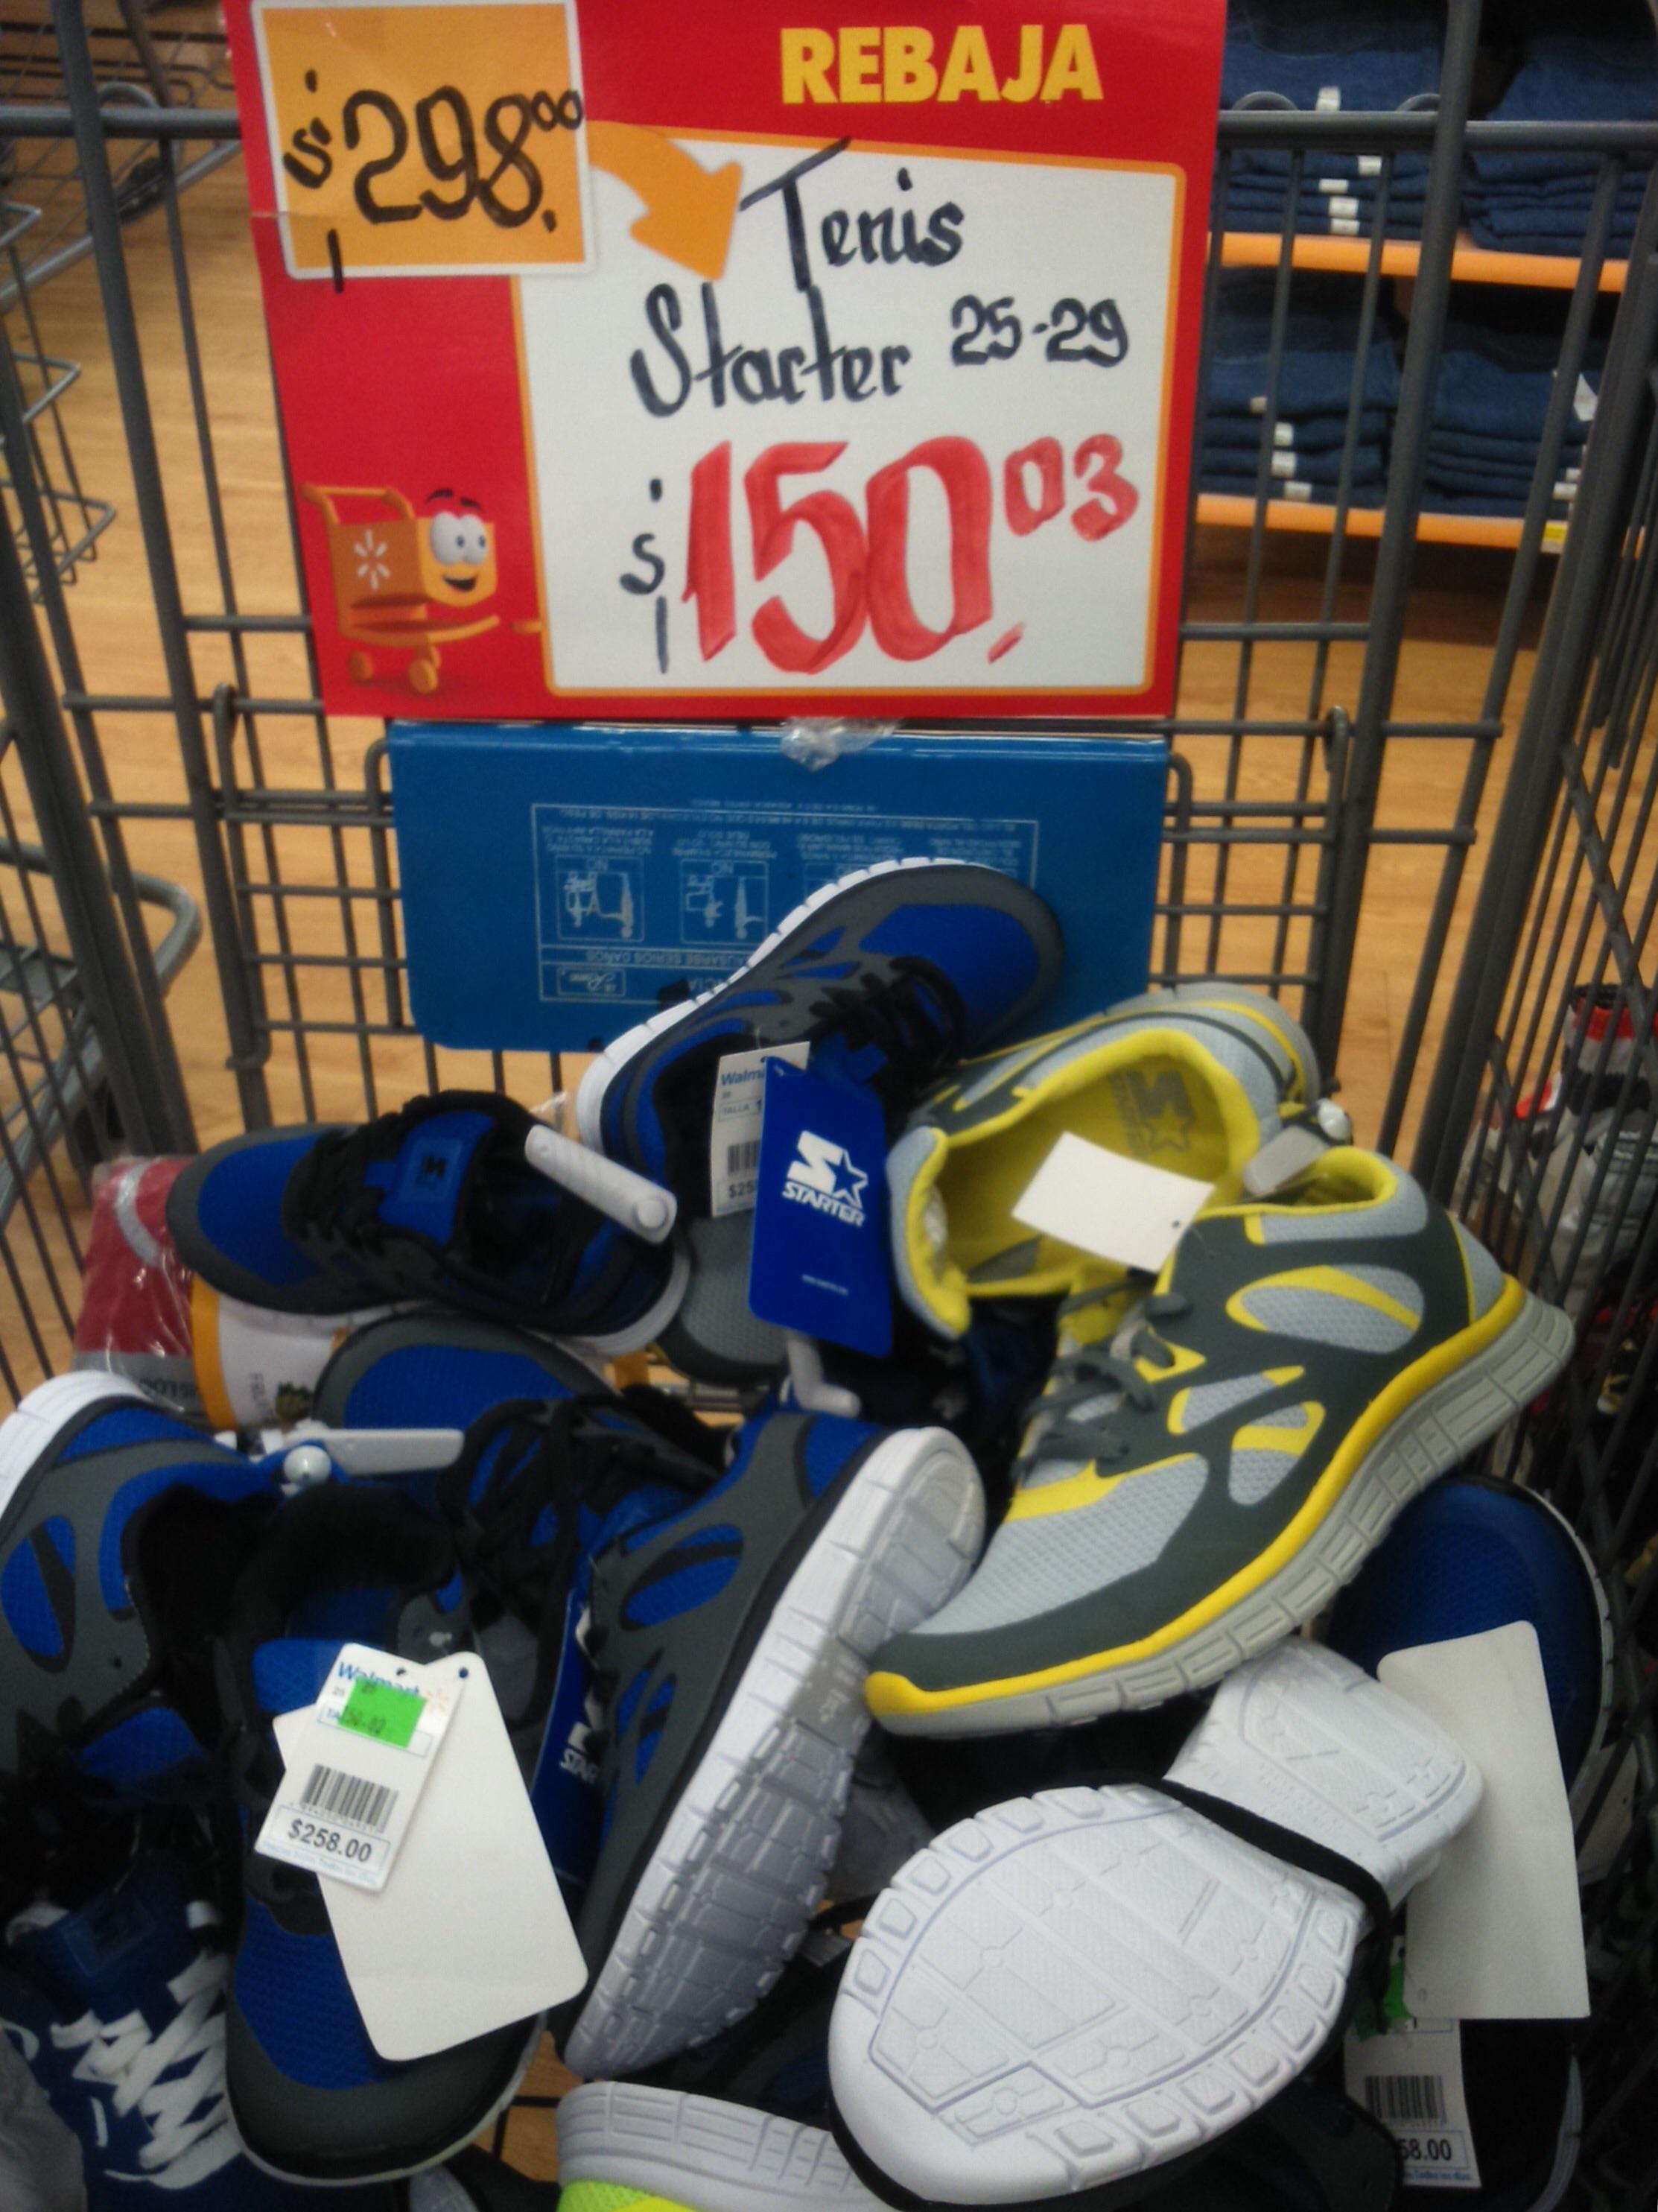 Walmart: tenis Starter a $150.03 y más